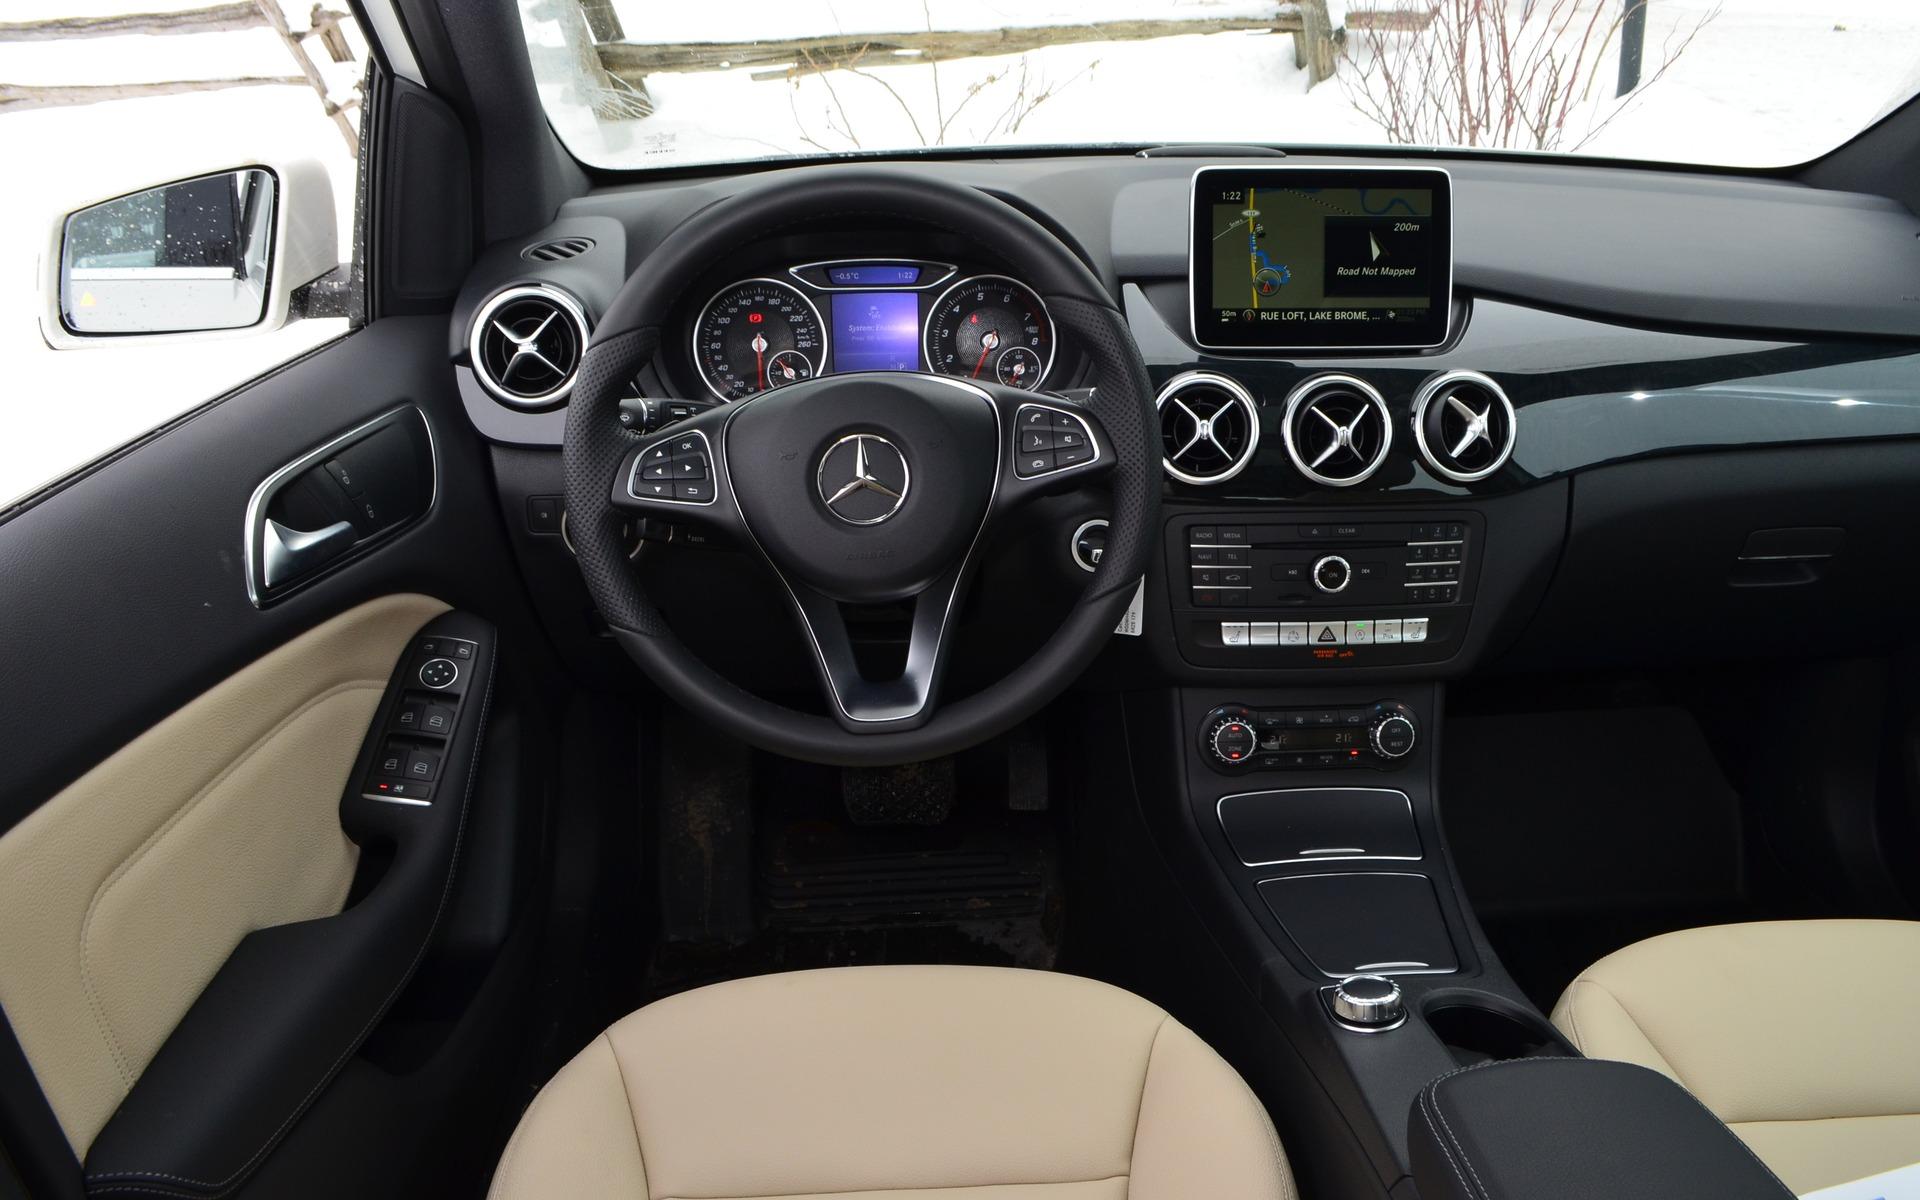 Mercedes Benz Dealers >> 2015 Mercedes-Benz B-Class photos - 9/14 - The Car Guide